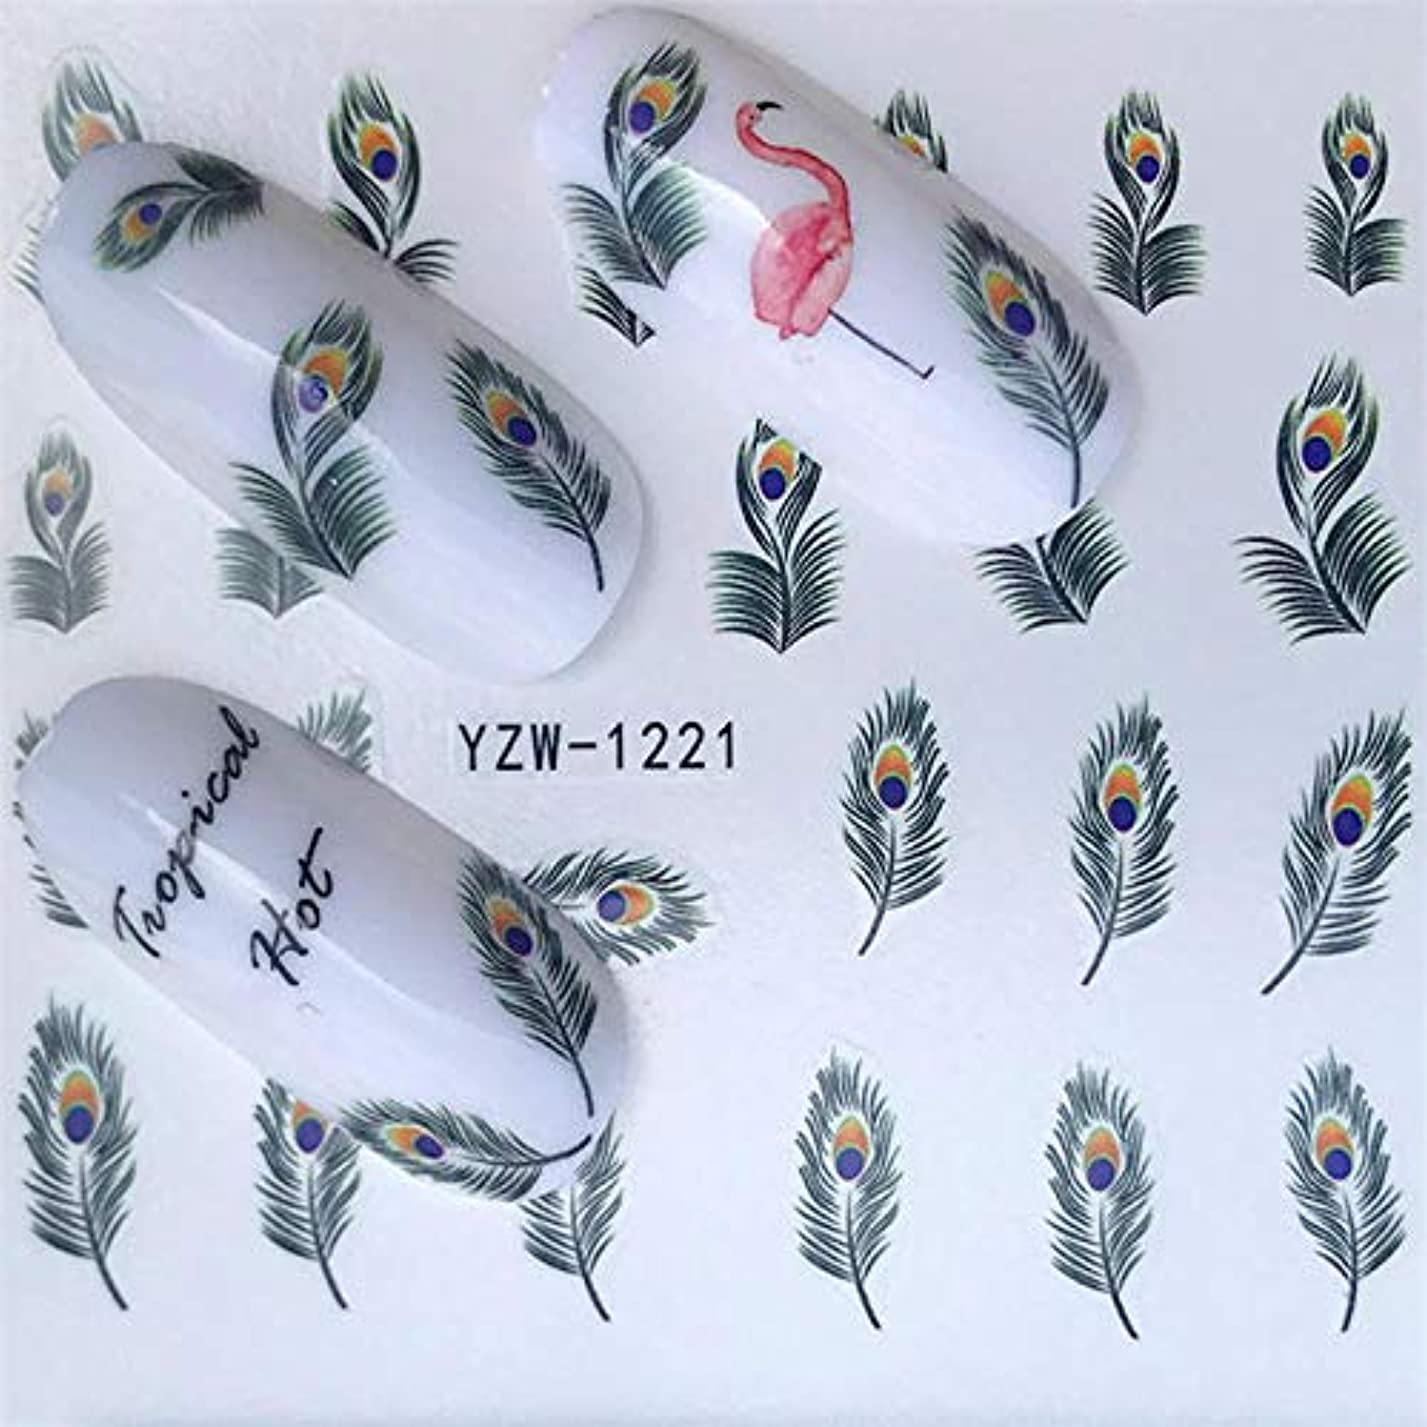 頑張るエピソード無しSUKTI&XIAO ネイルステッカー 32デザインネイルアートステッカー混合ユニコーン水転写ネイルデカール動物マニキュアスライダー、Yzw-1221